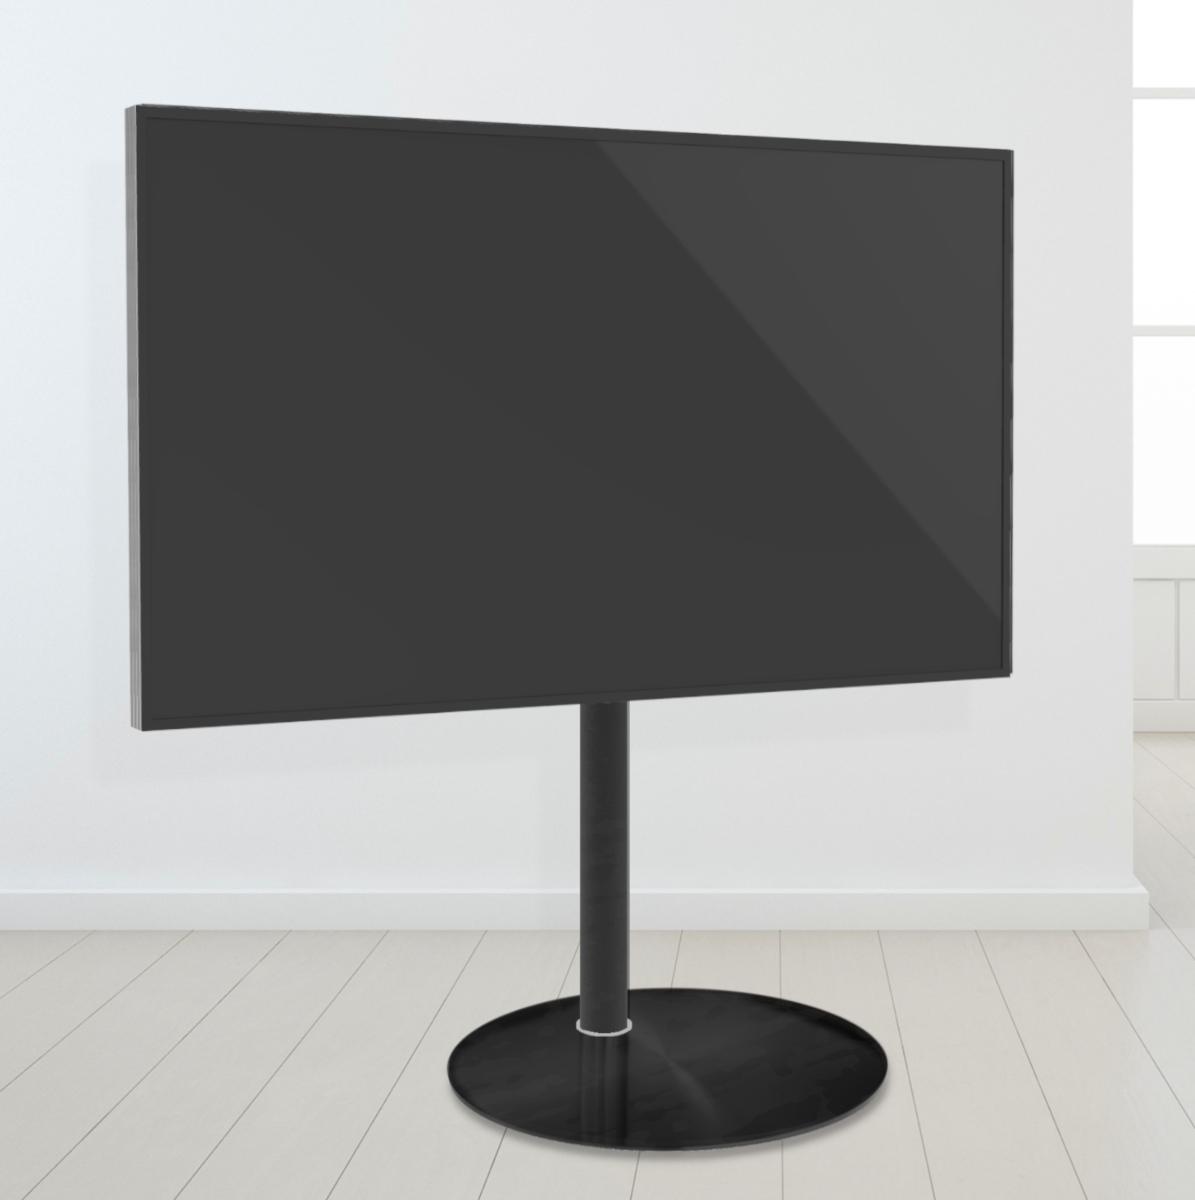 Tv Vloerstandaard Cavus Sphere100 Glas & trendy staal